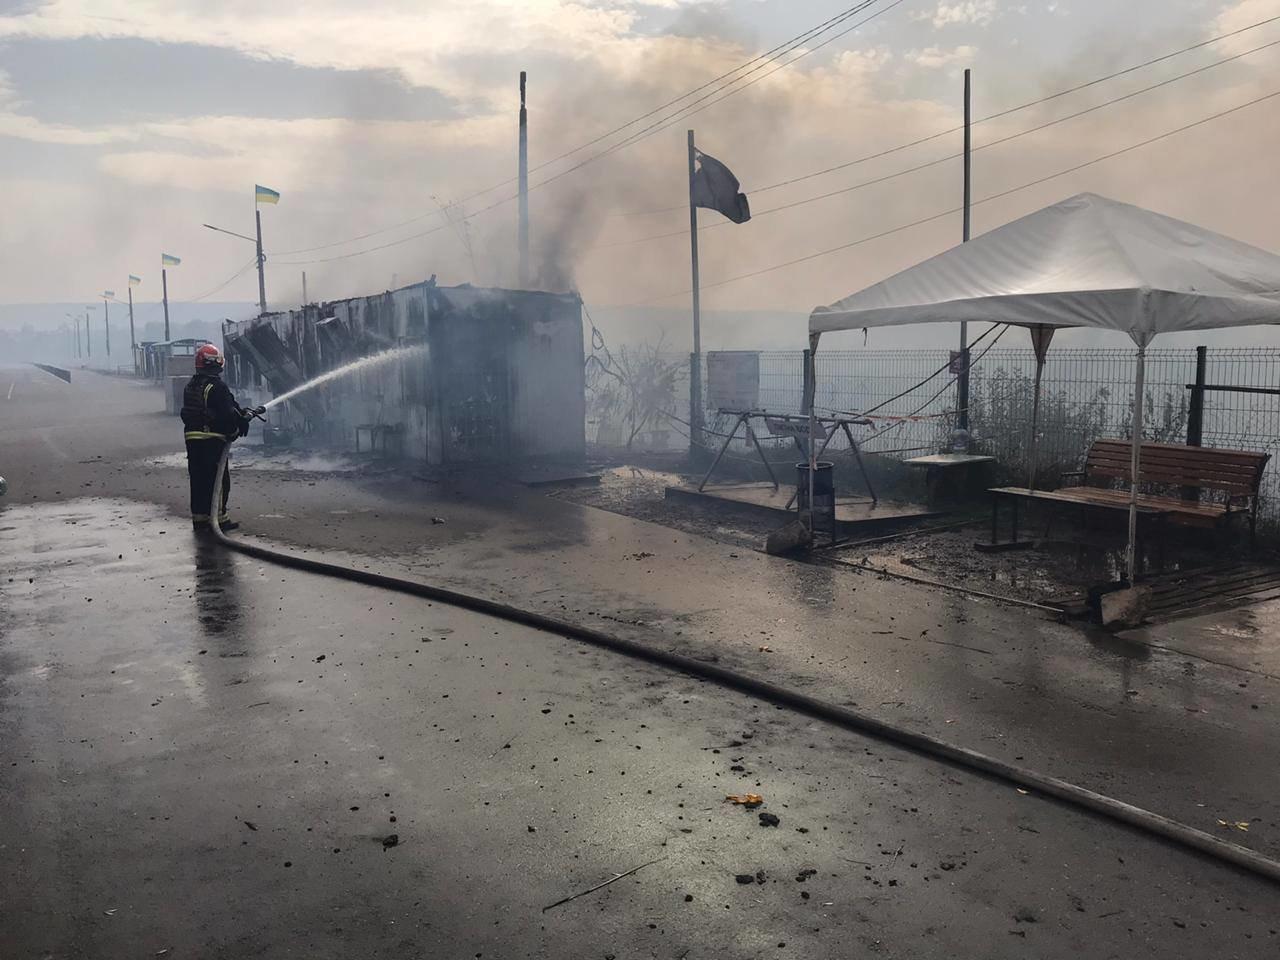 Пожар уничтожил часть помещений и инфраструктуры КПВВ «Станица Луганская», - ФОТО, ВИДЕО, фото-1